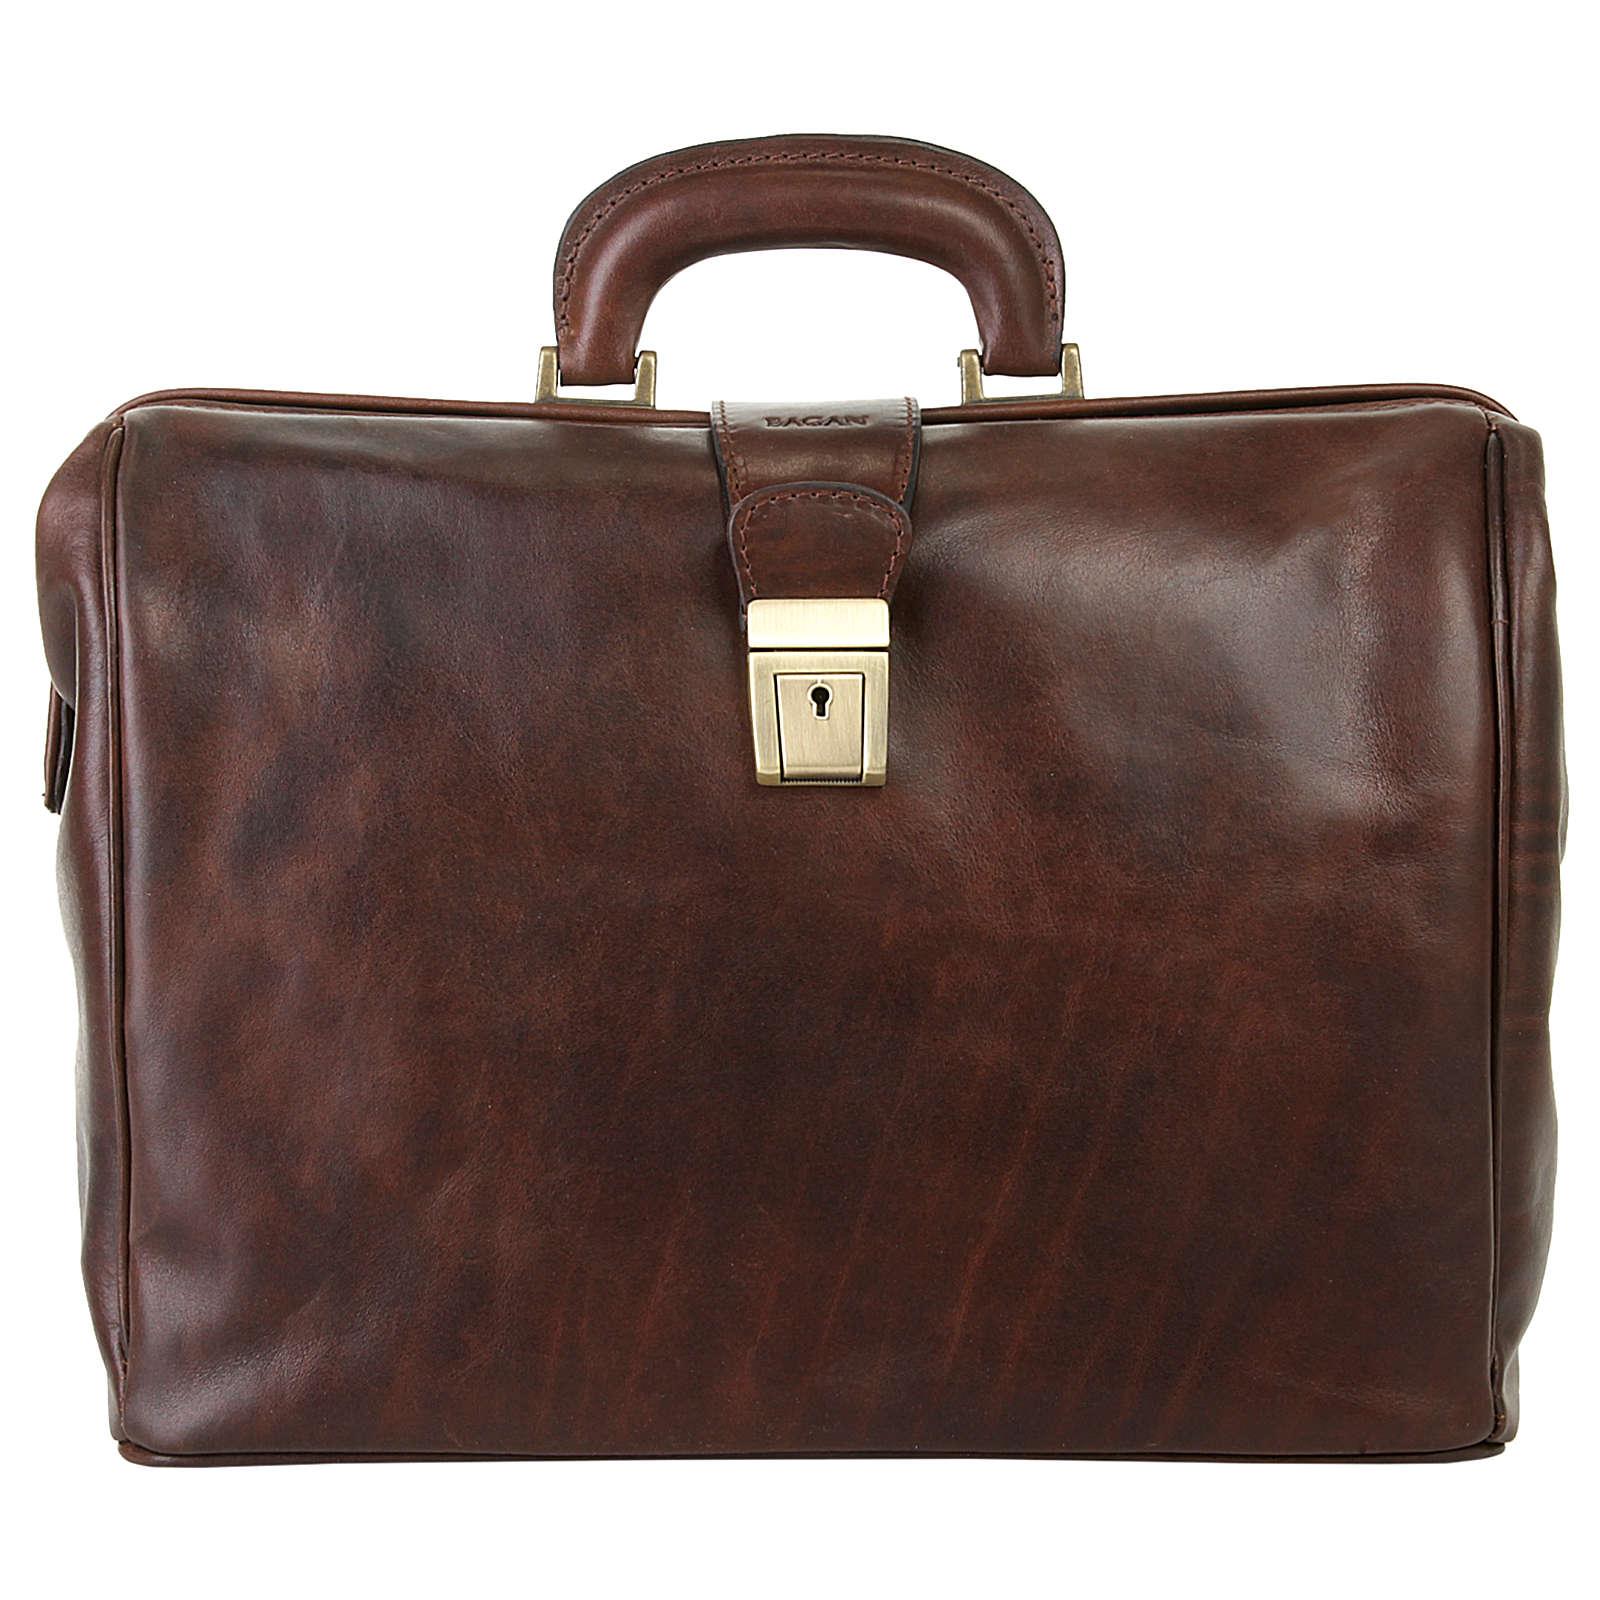 BAGAN Reisetasche Reisetaschen braun Herren